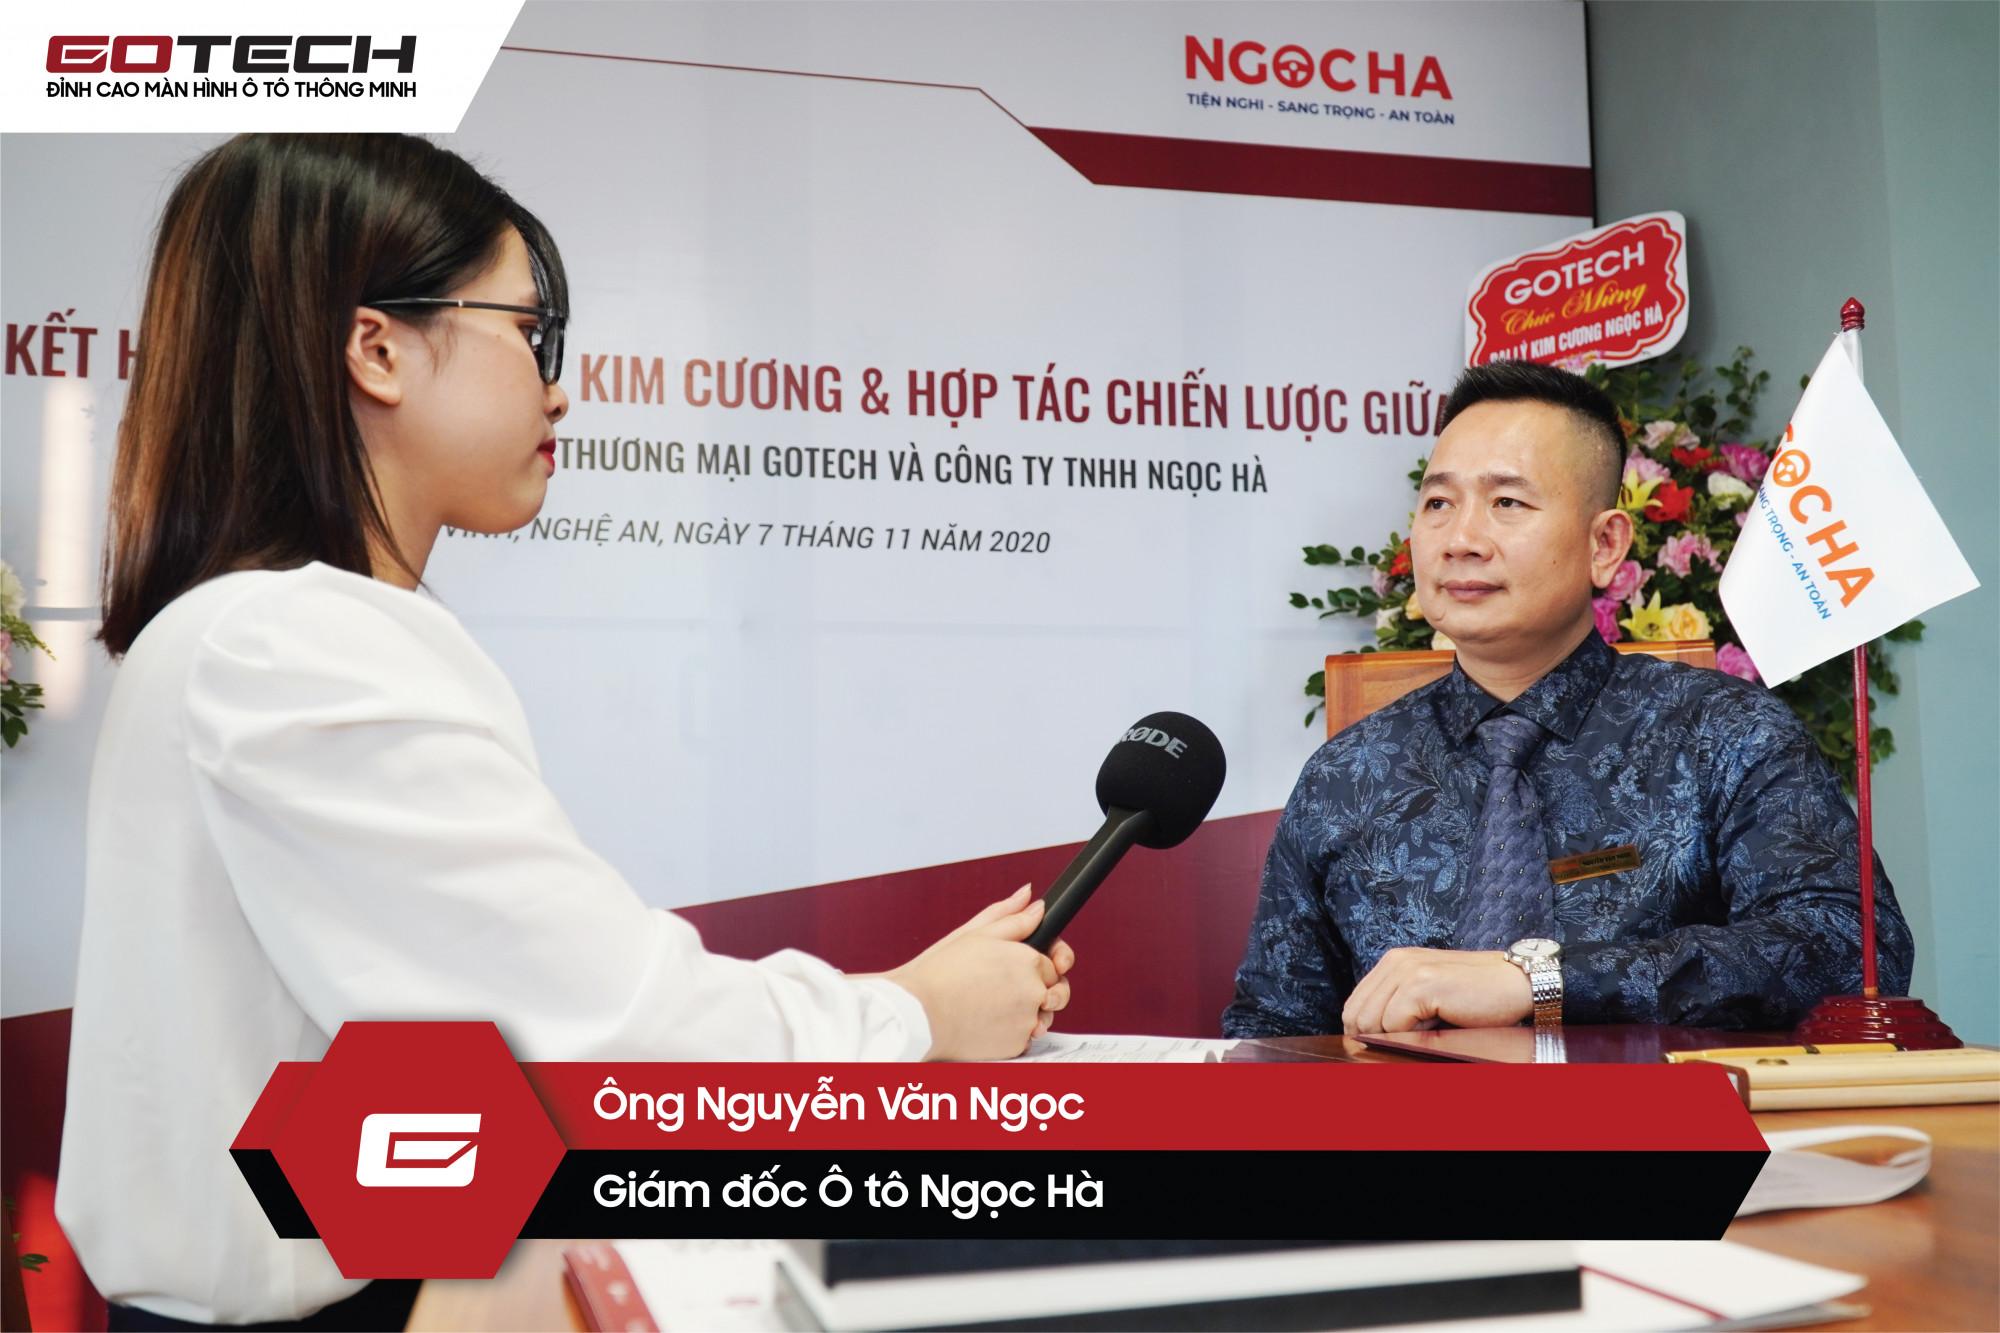 Ông Nguyễn Văn Ngọc - Giám đốc Ô tô Ngọc Hà nhận định sự hợp tác này sẽ mở ra những cơ hội mới cho cả hai doanh nghiệp.